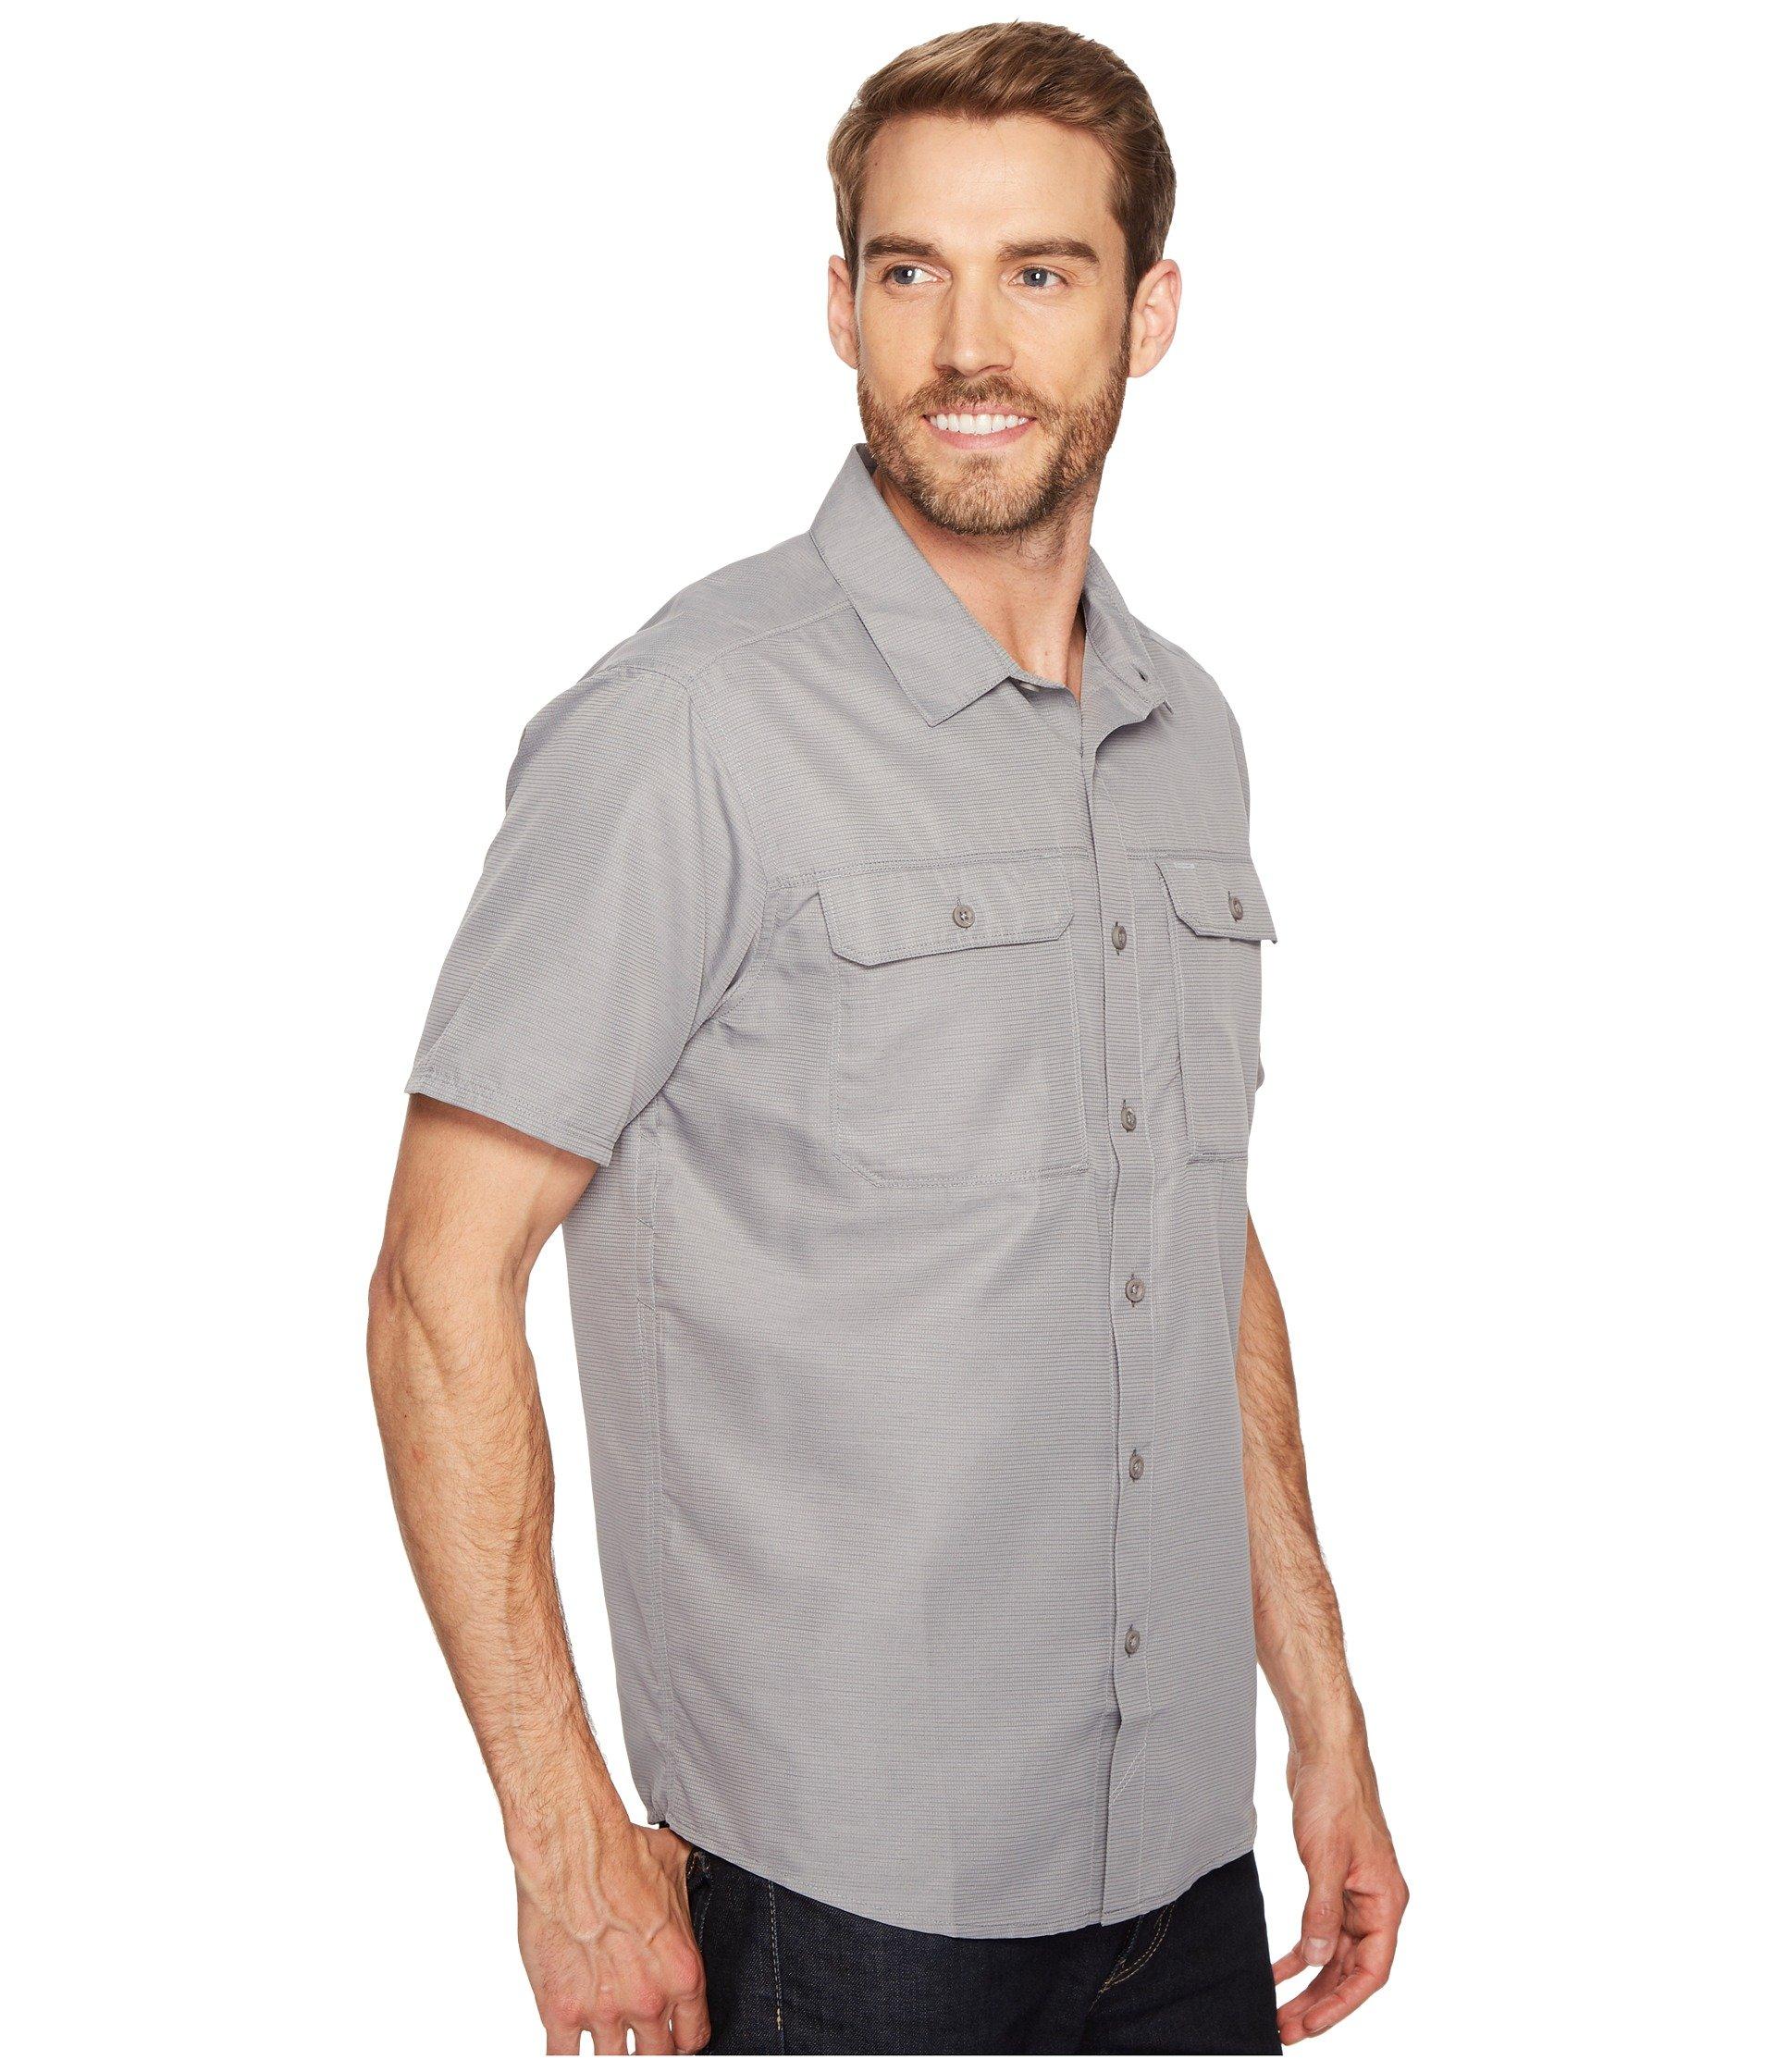 Canyon™ Manta Mountain s Grey Shirt S Hardwear RHqzUF